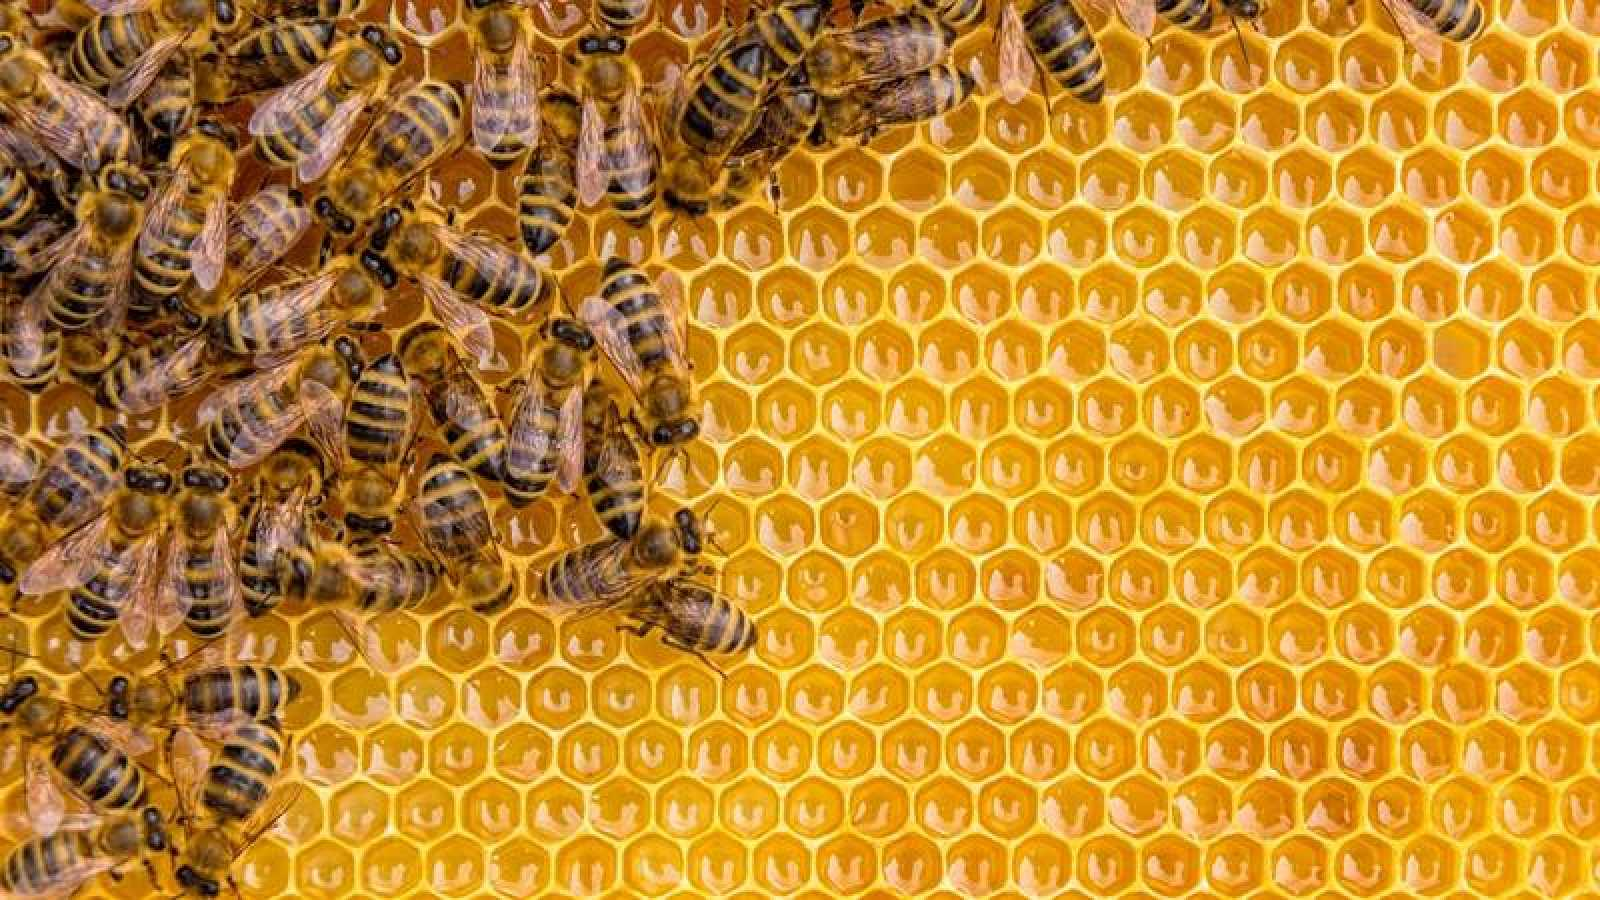 71 de los 100 cultivos que proporcionan el 90% de la alimentación mundial dependen de la polinización de las abejas.